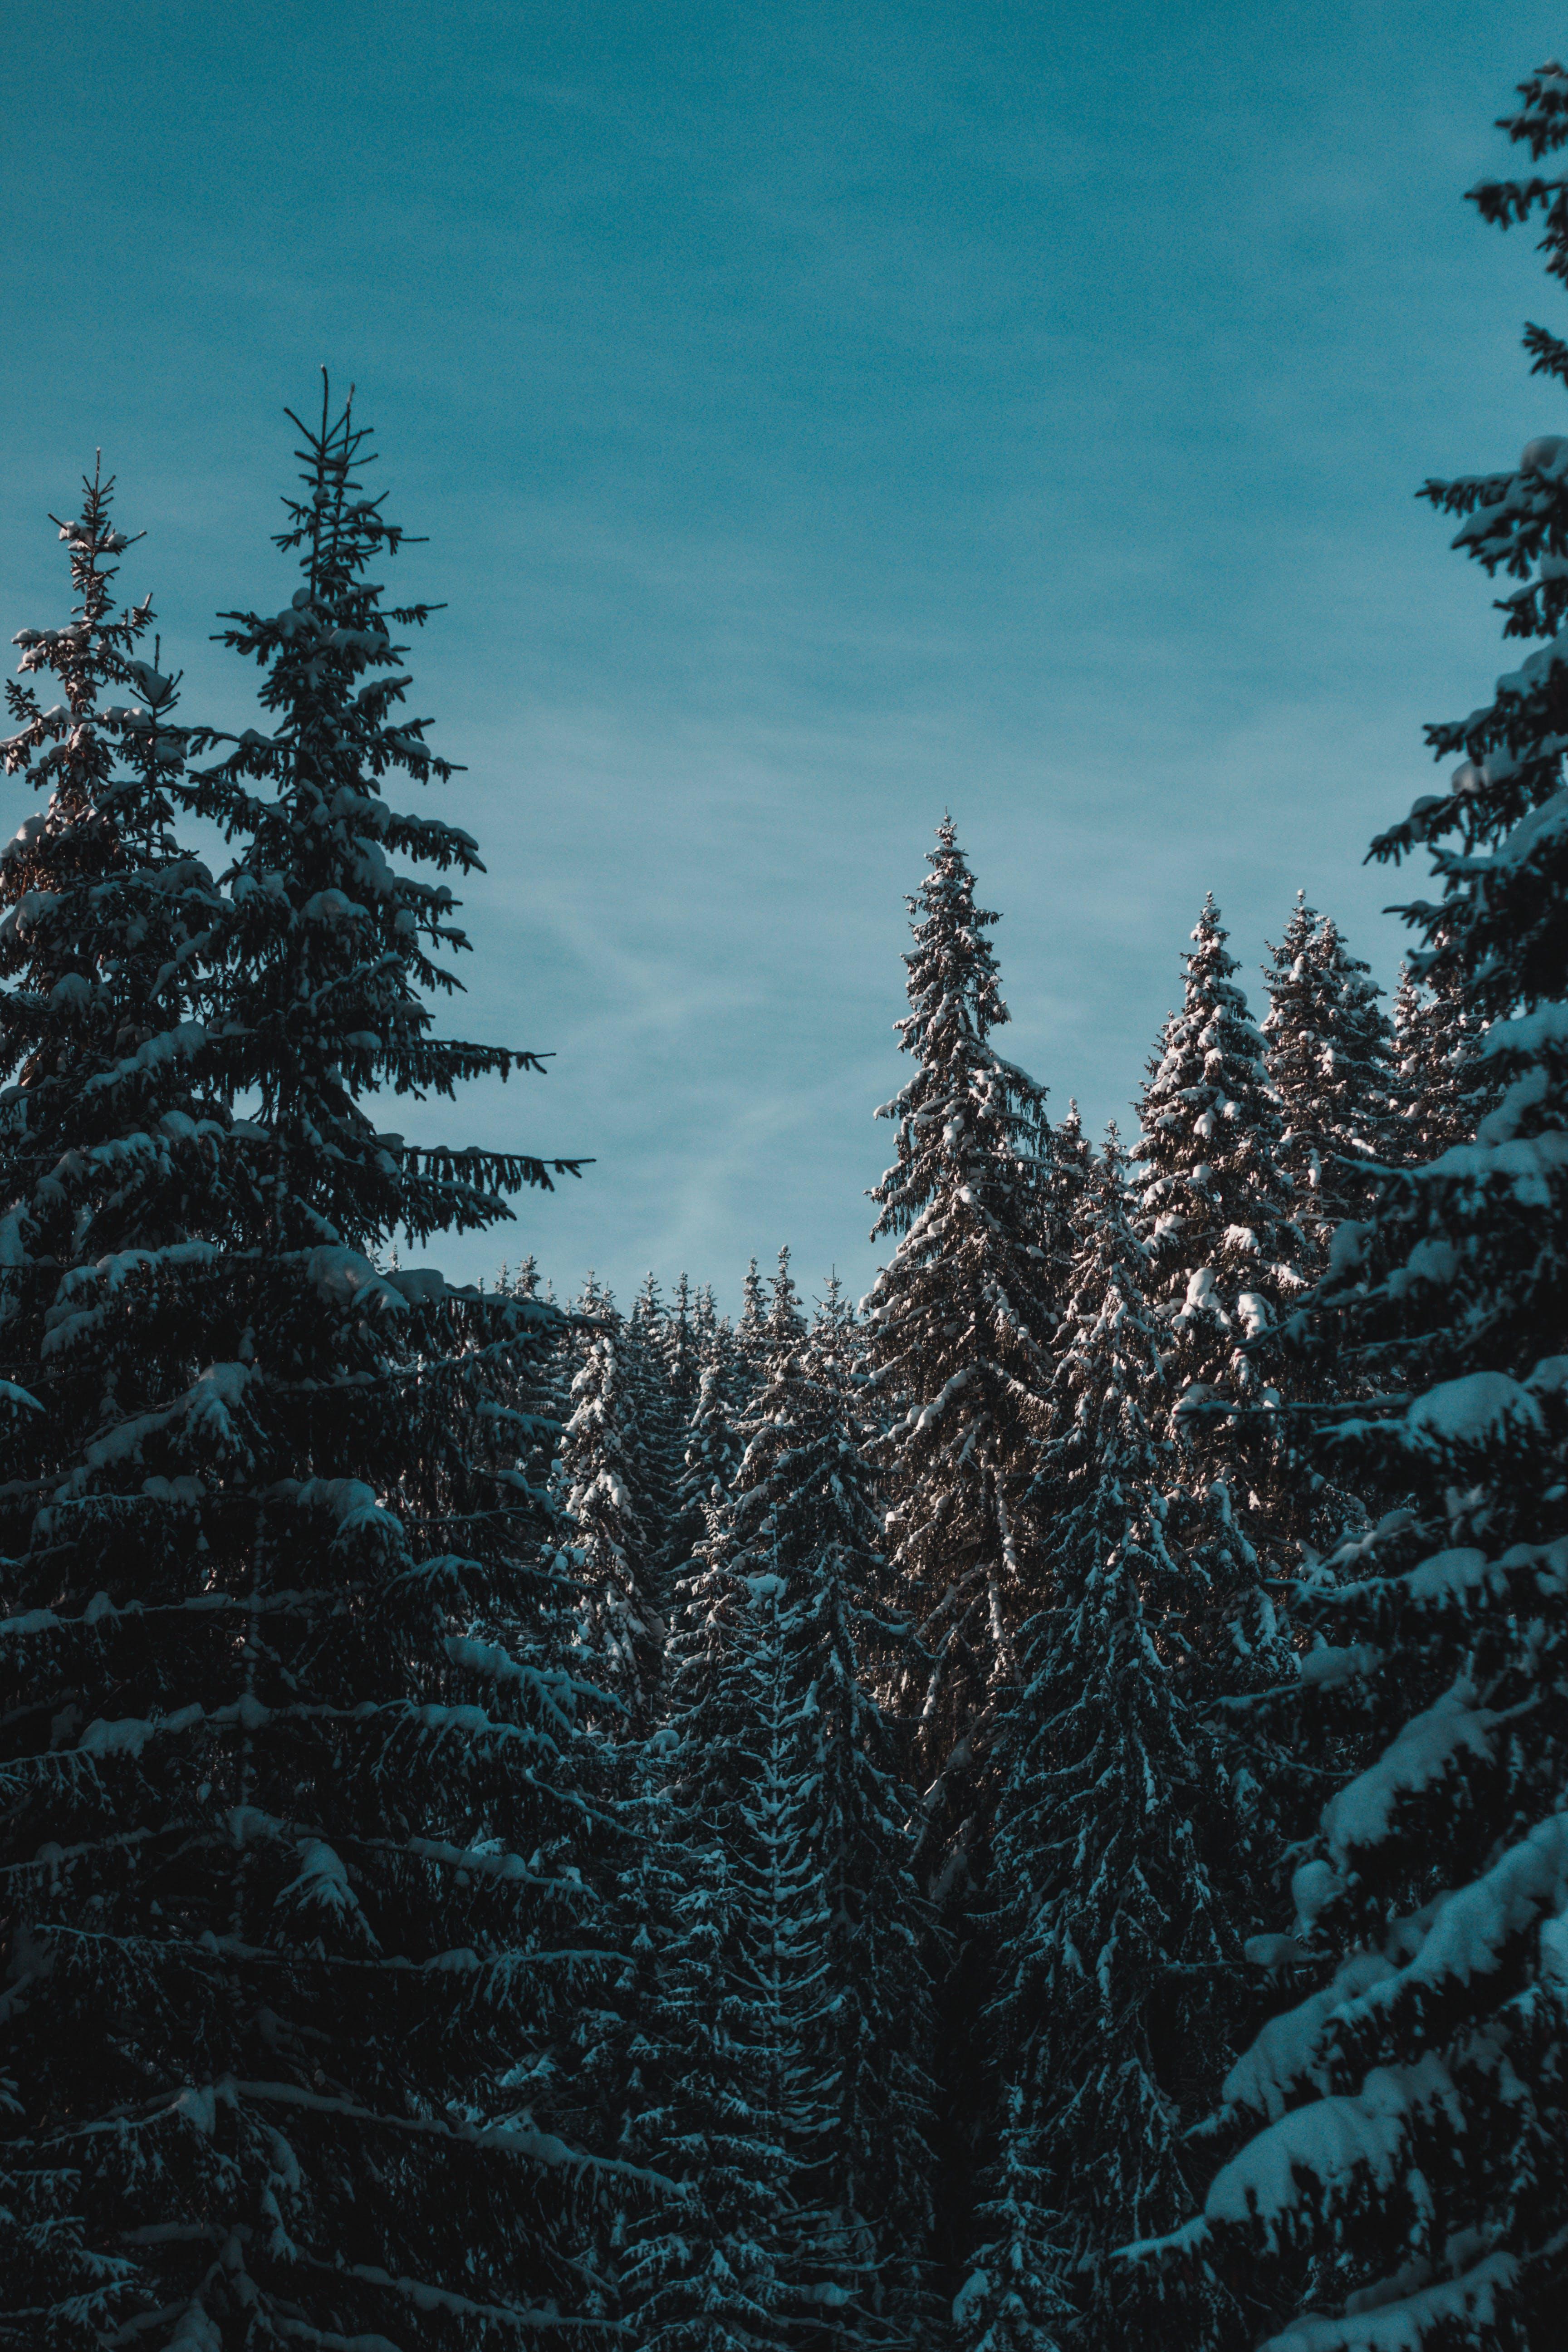 Δωρεάν στοκ φωτογραφιών με αειθαλής, γαλάζιος ουρανός, δασικός, έλατα